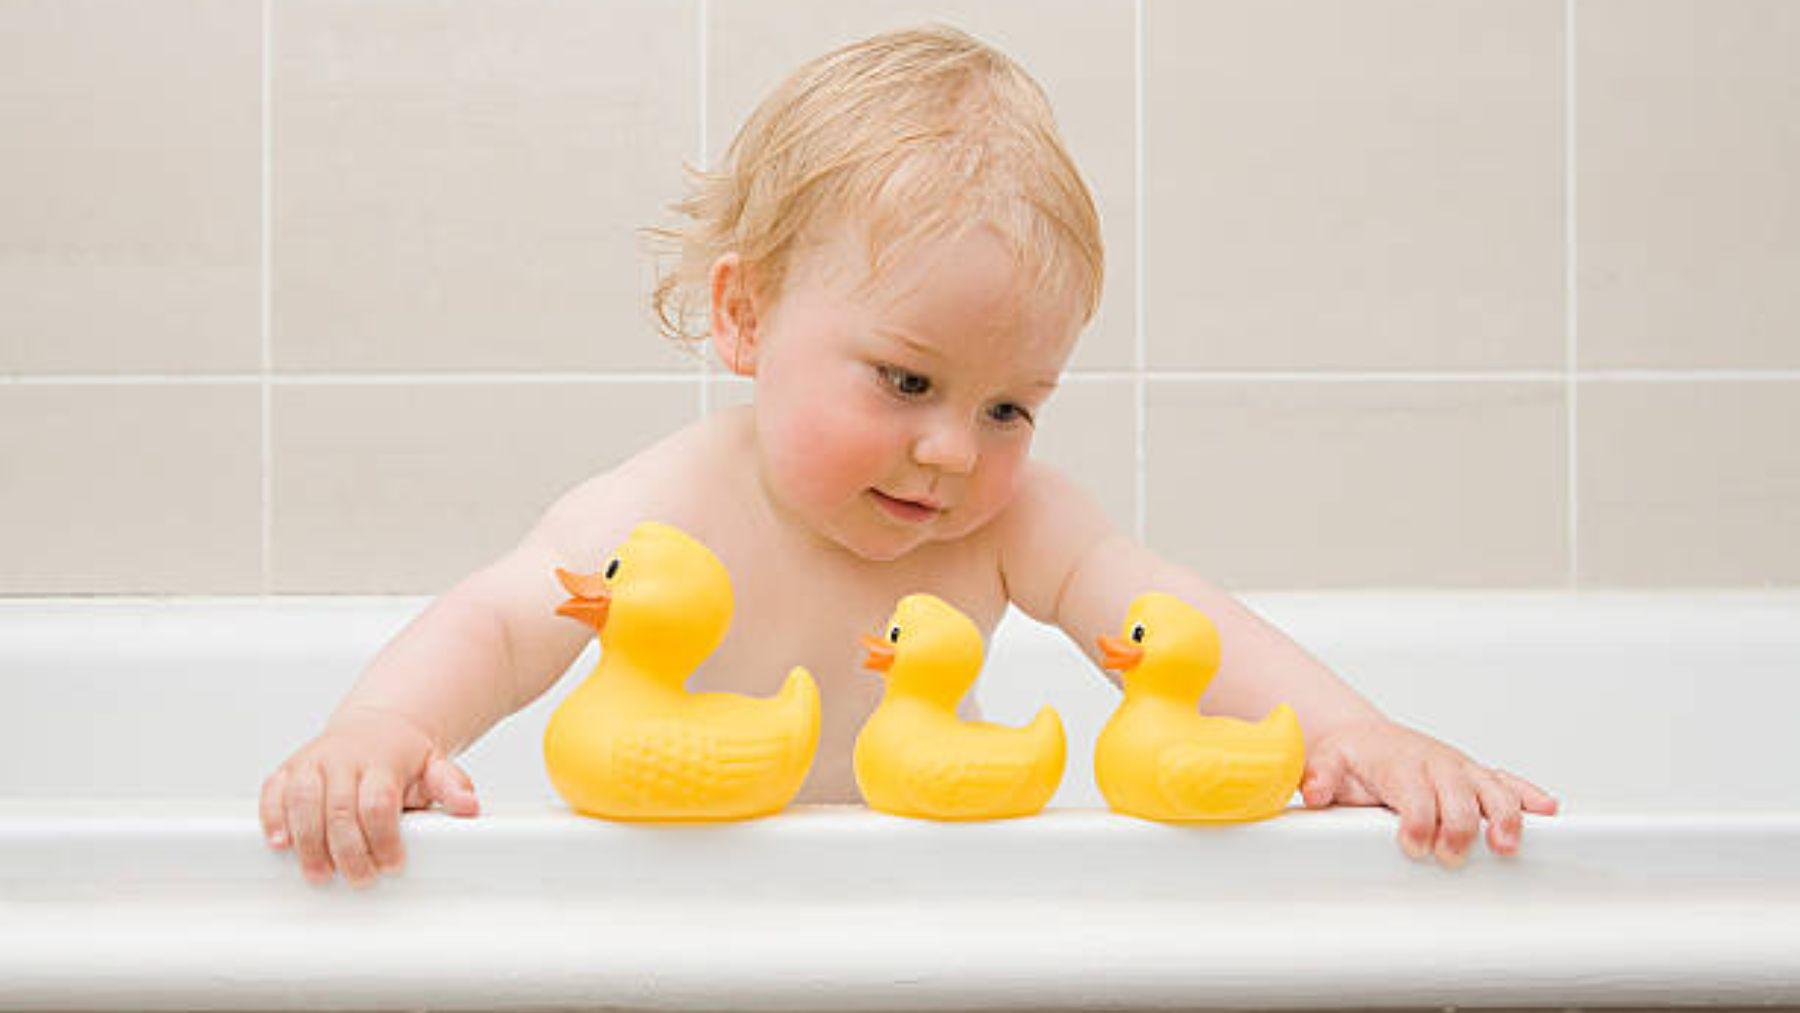 Por qué los patitos de goma pueden ser peligrosos para los bebés